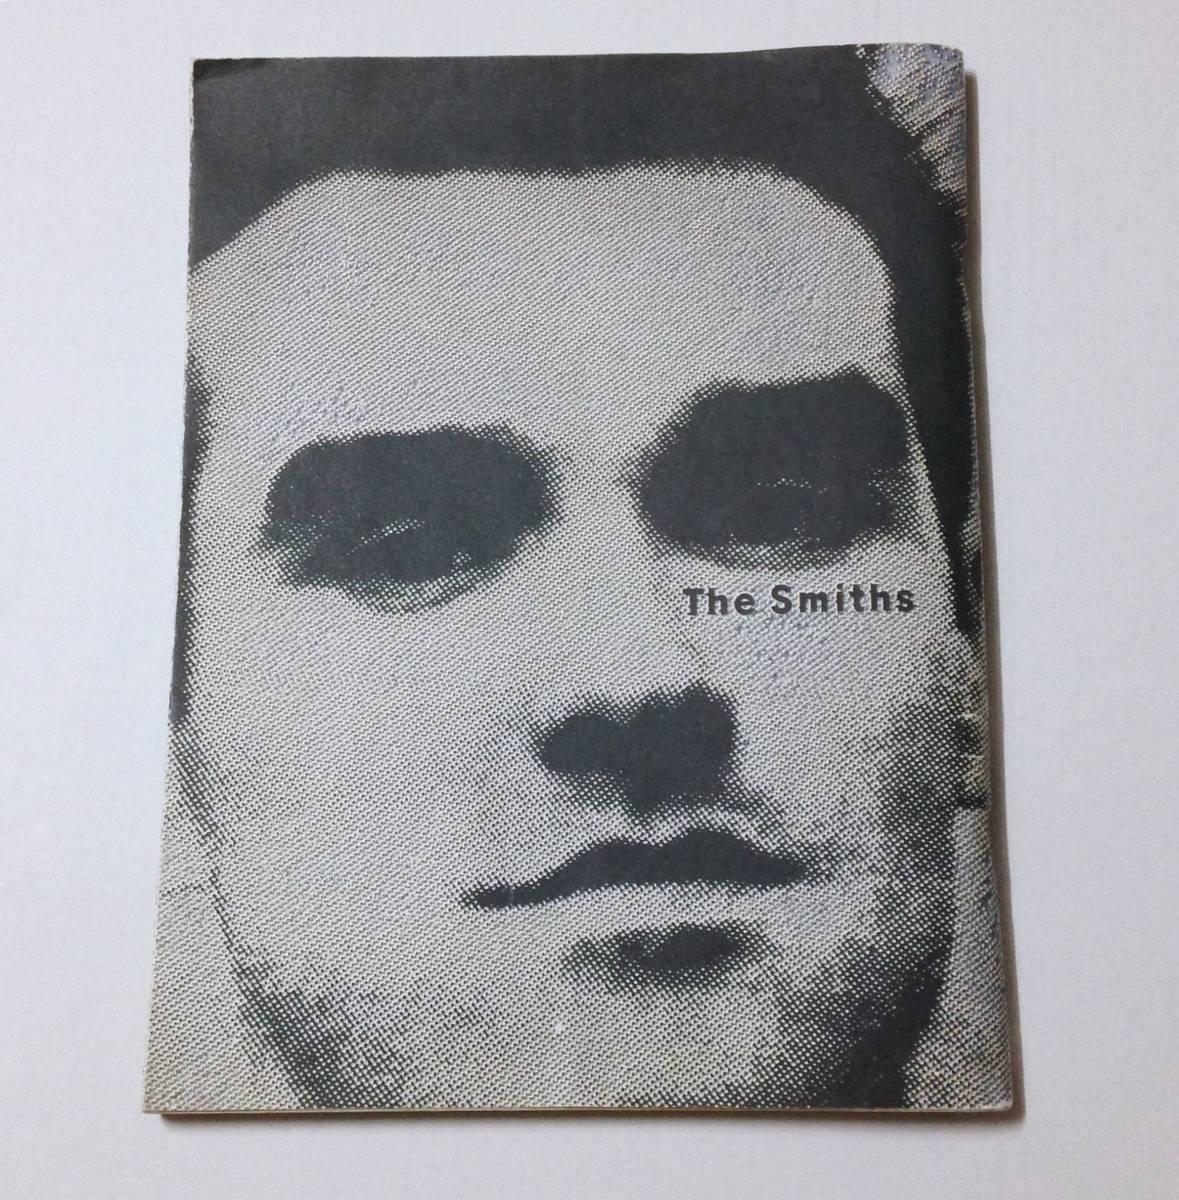 ザ・スミス写真集 The Smiths 「もう誰にも語らせない。」 ロッキンオン morrissey モリッシー ジョニーマー